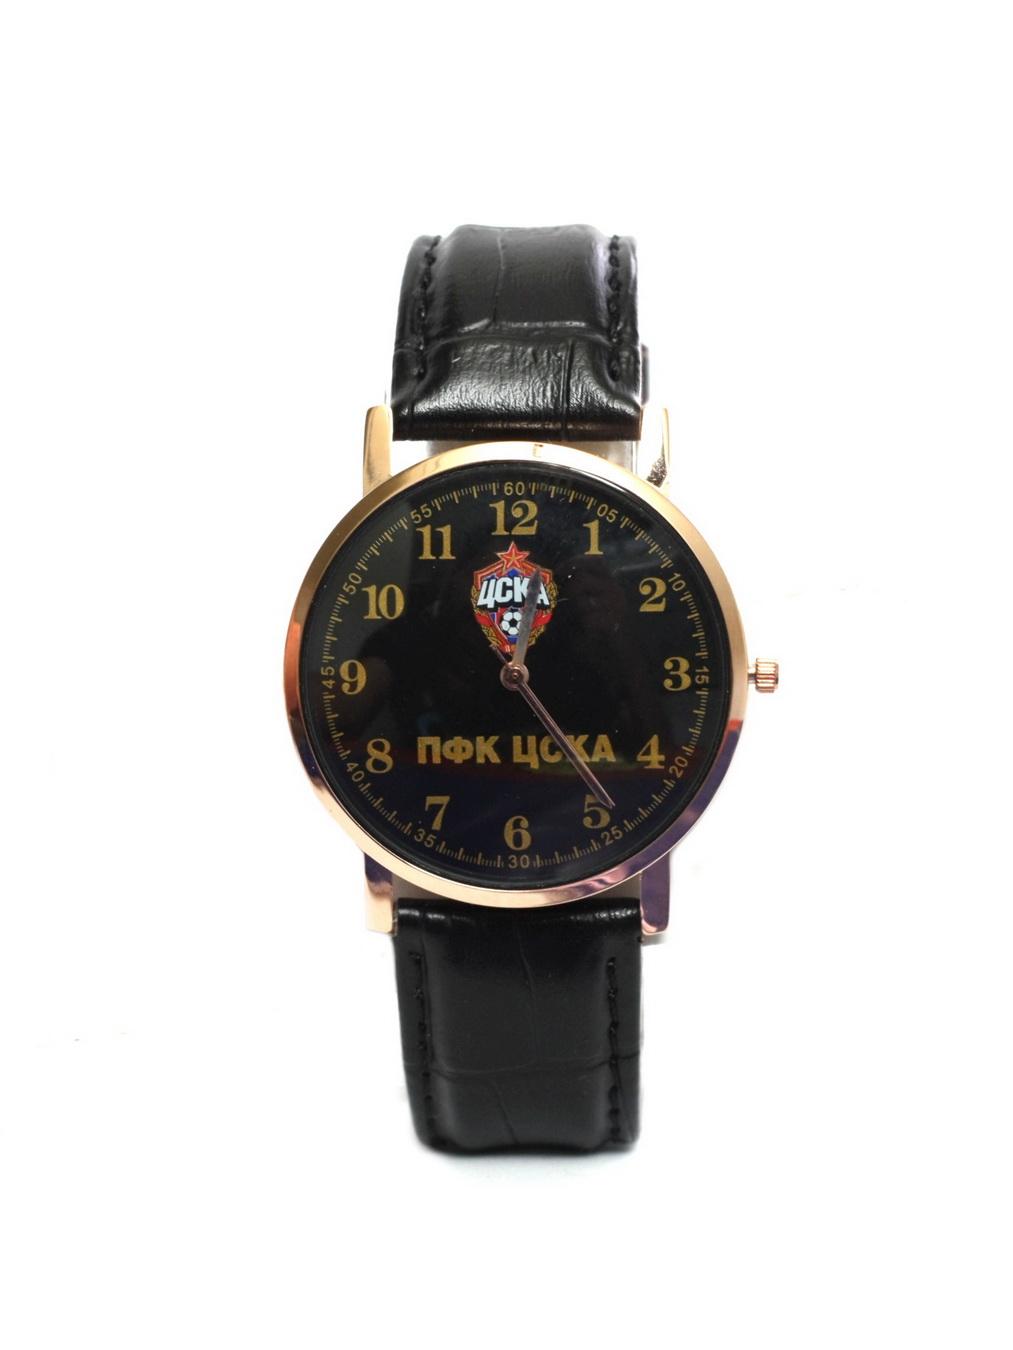 Часы наручные 38мм с маленькой эмблемой ПФК ЦСКА, цвет черный. ЧЗ